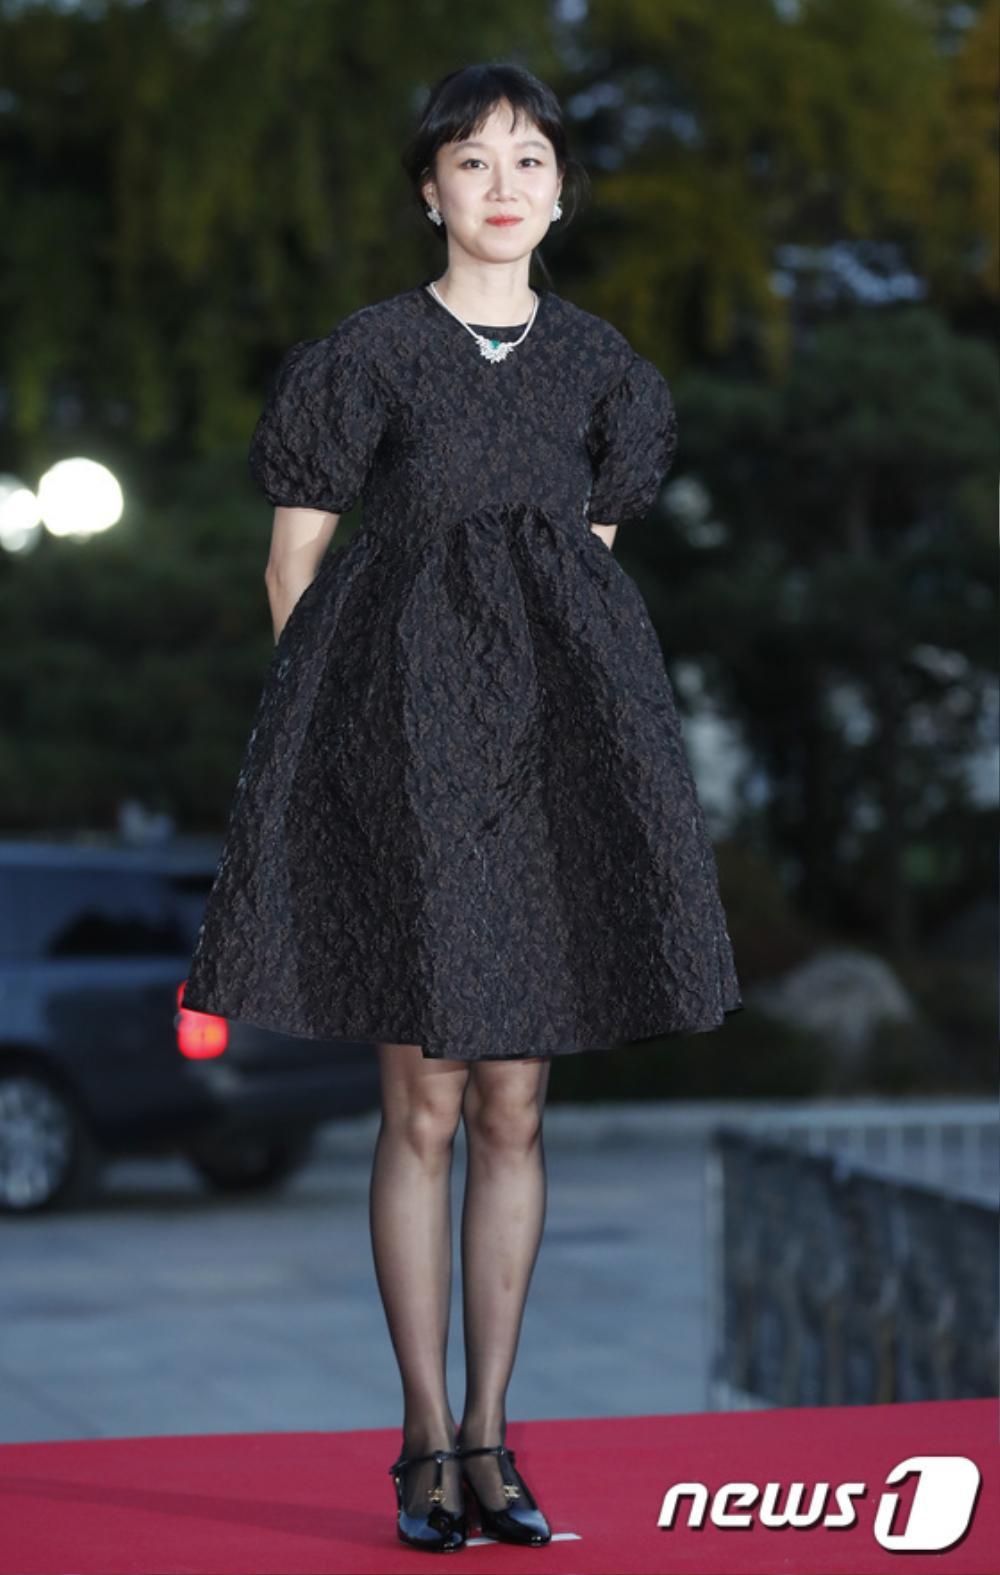 Thảm đỏ hot nhất Hàn Quốc: SEVENTEEN cùng Hyun Bin, Gong Hyo Jin, Kim Hee Ae và Kang Ha Neul gây sốt Ảnh 1